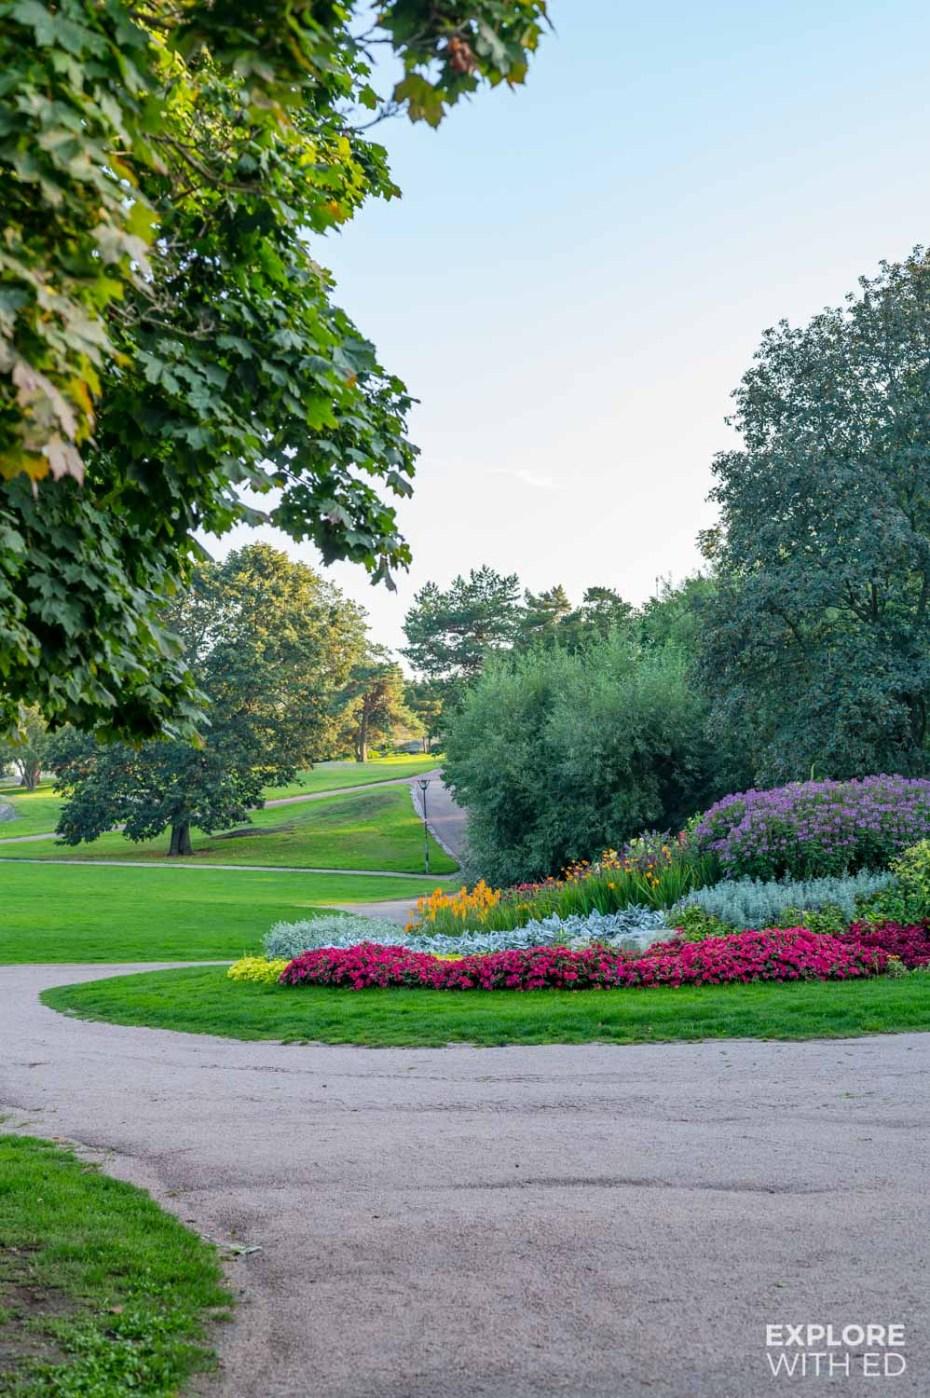 Parks in Helsinki